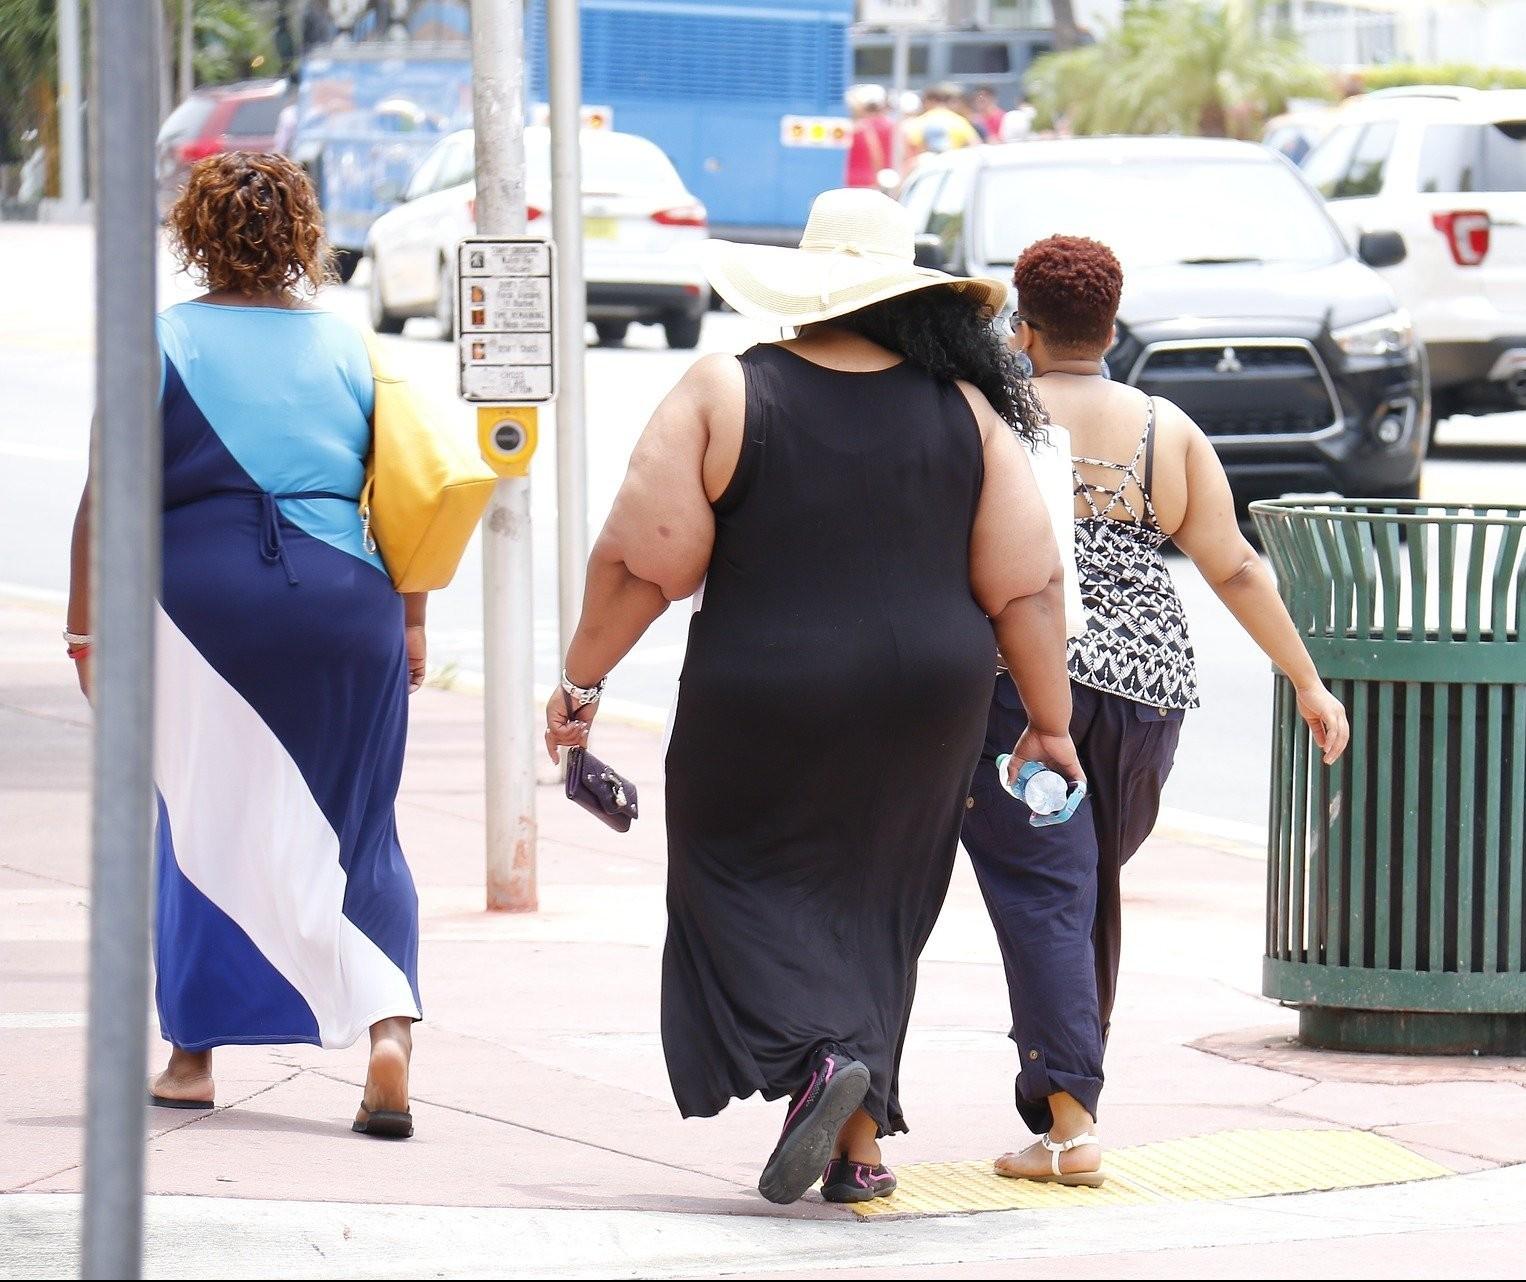 Pesquisa mostra a importância da atividade aquática no combate à obesidade severa